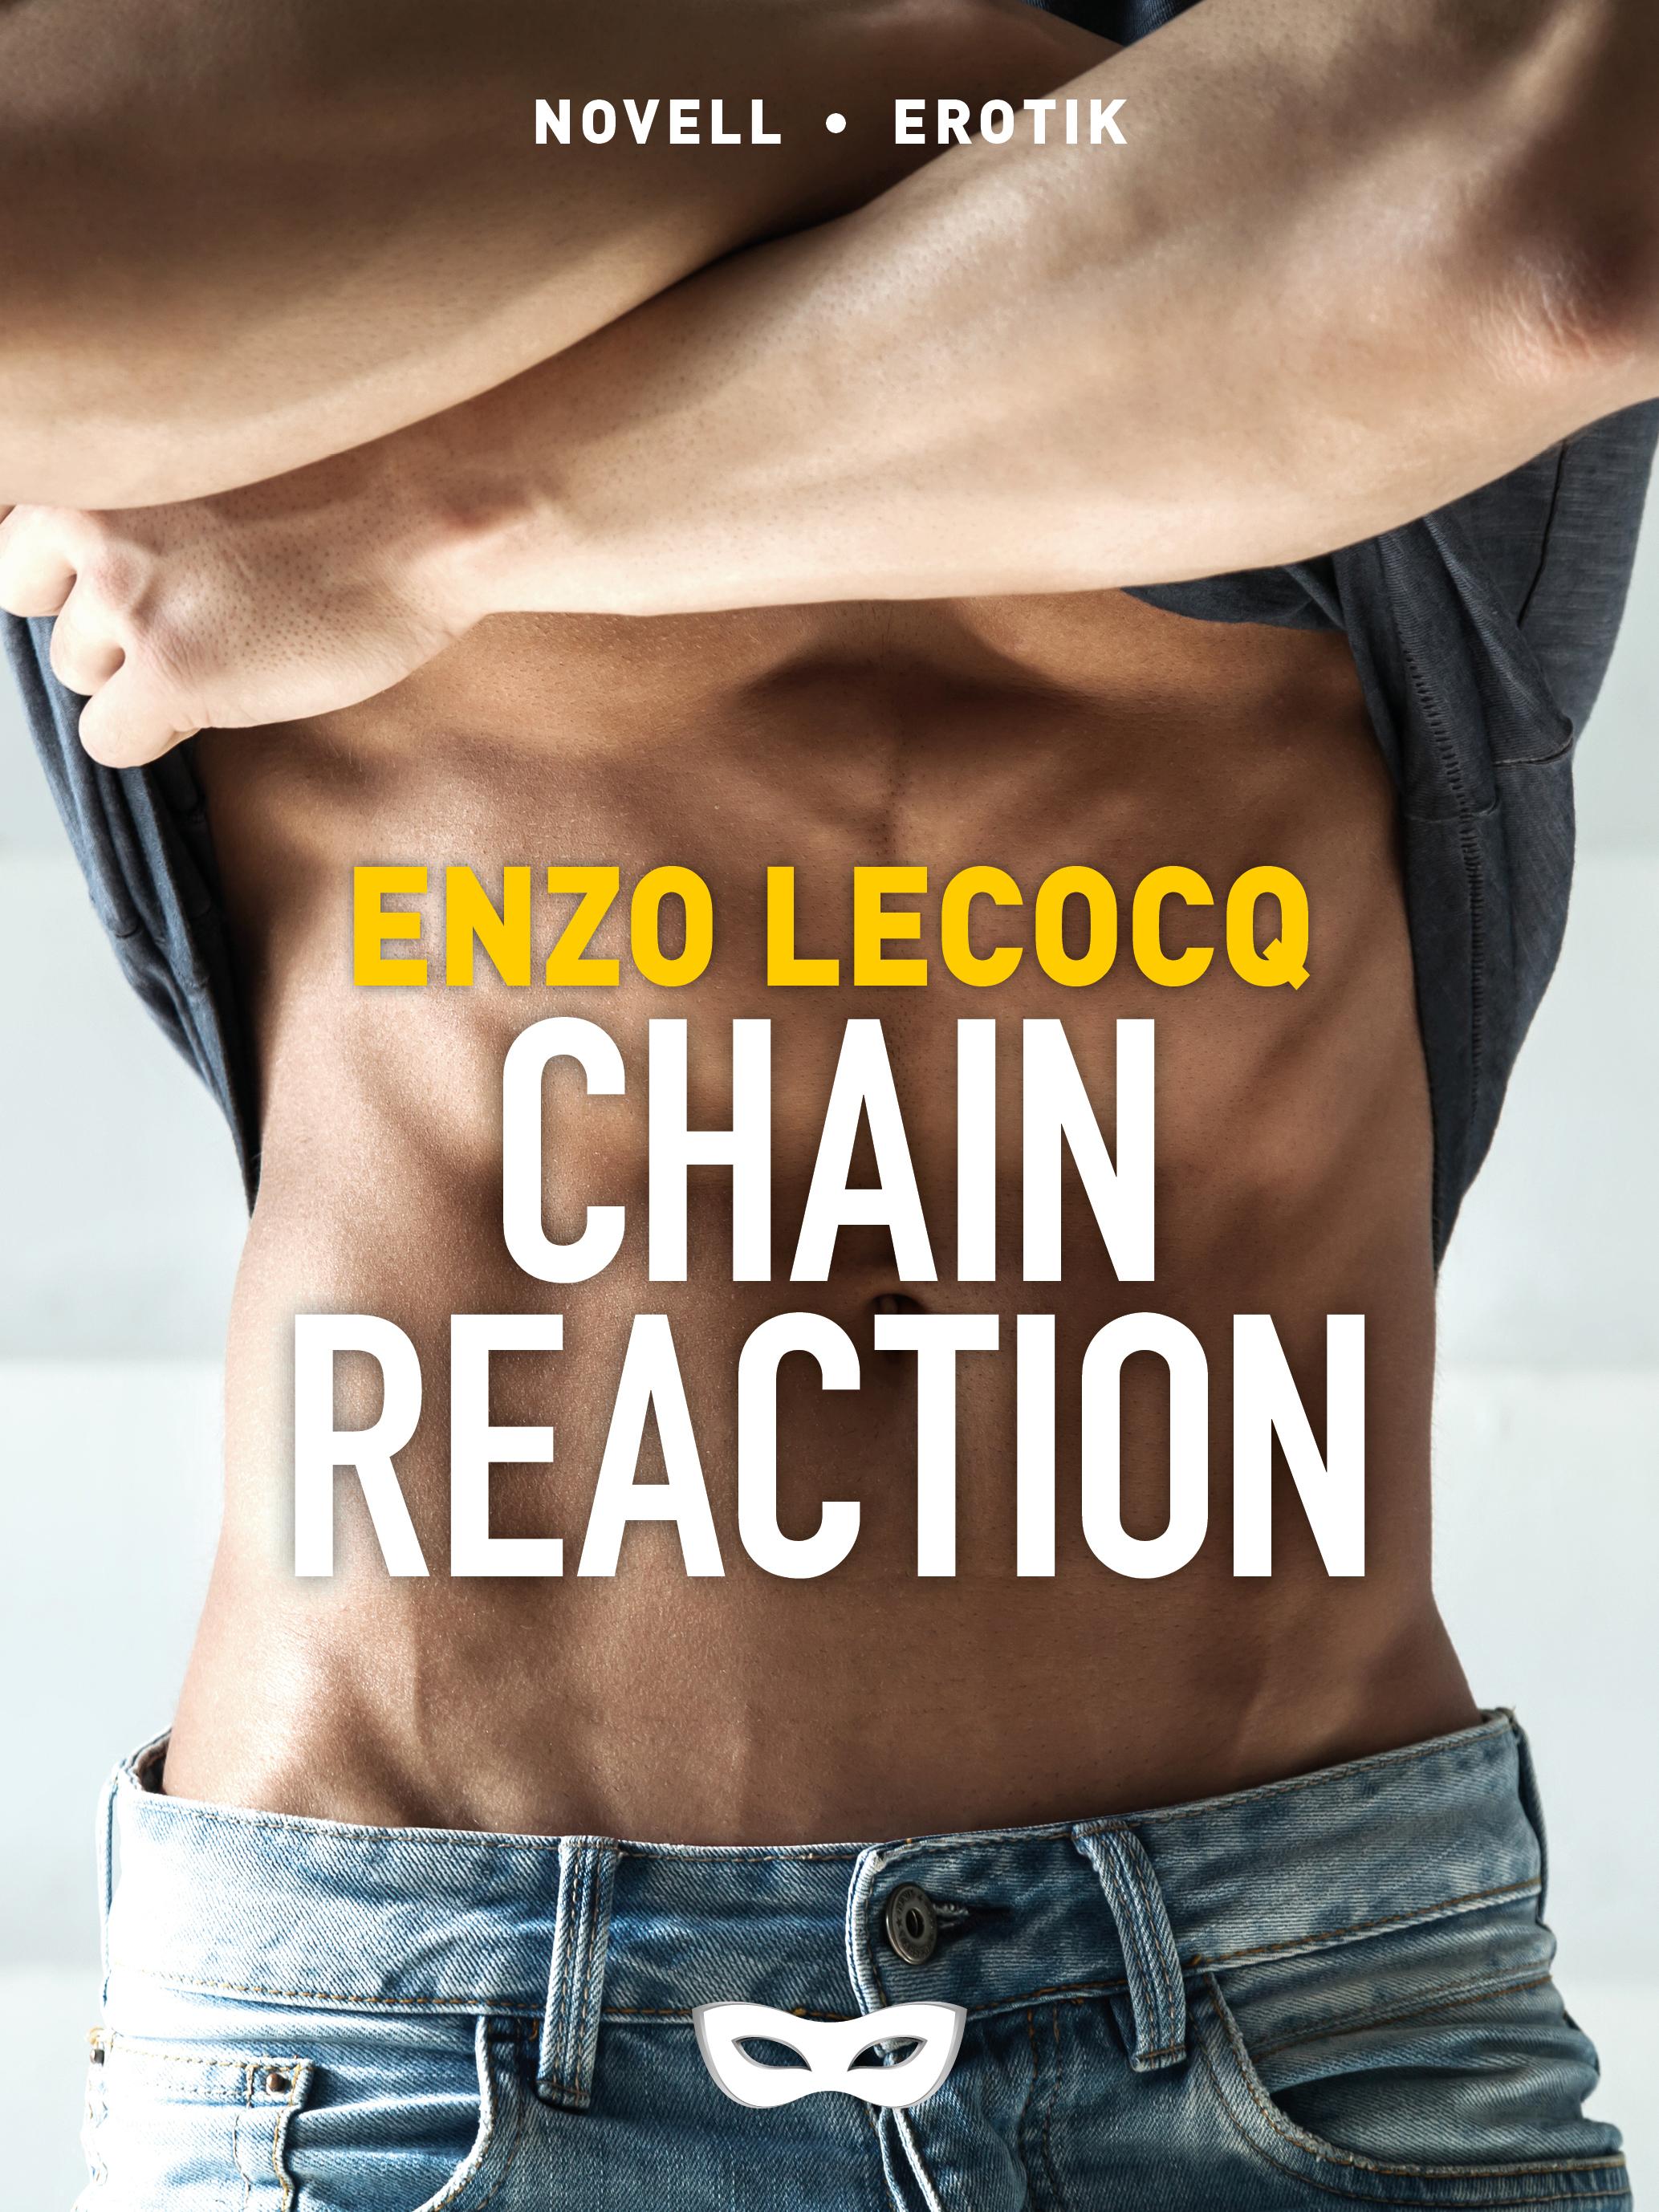 CHAR-n_Chain reaction_Enzo Lecocq.jpg